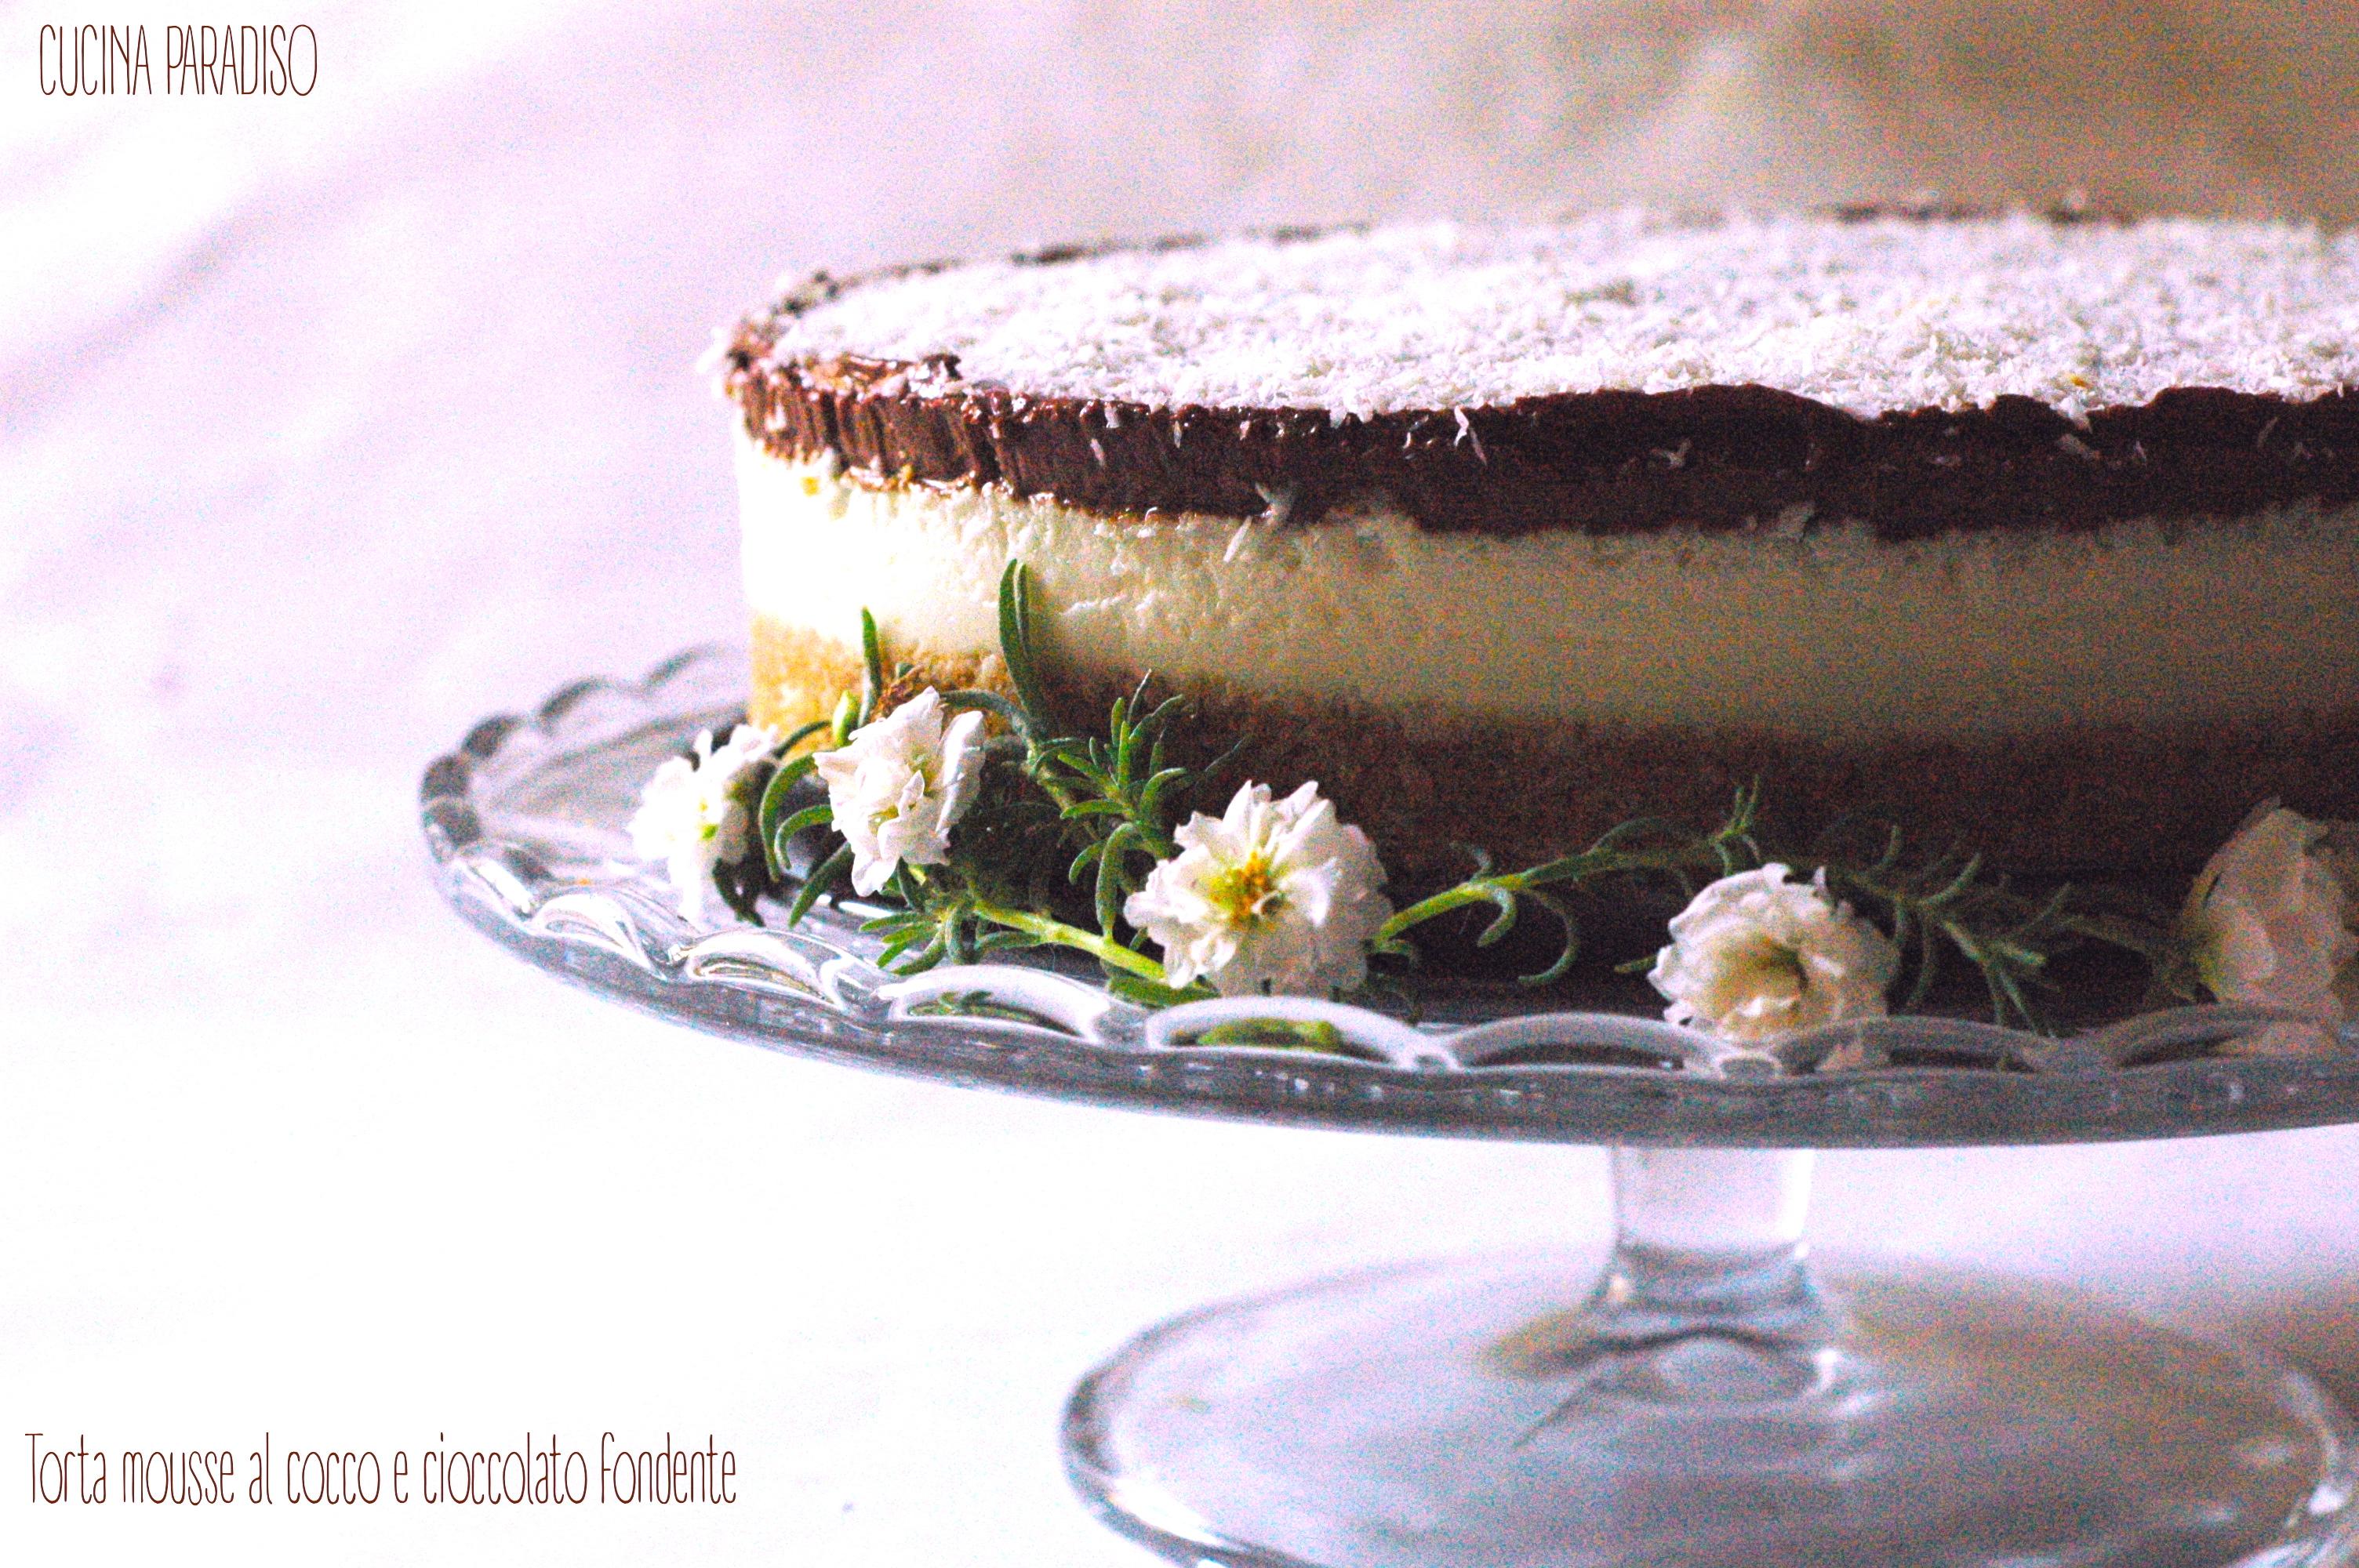 Torta mousse al cocco e cioccolato fondente3